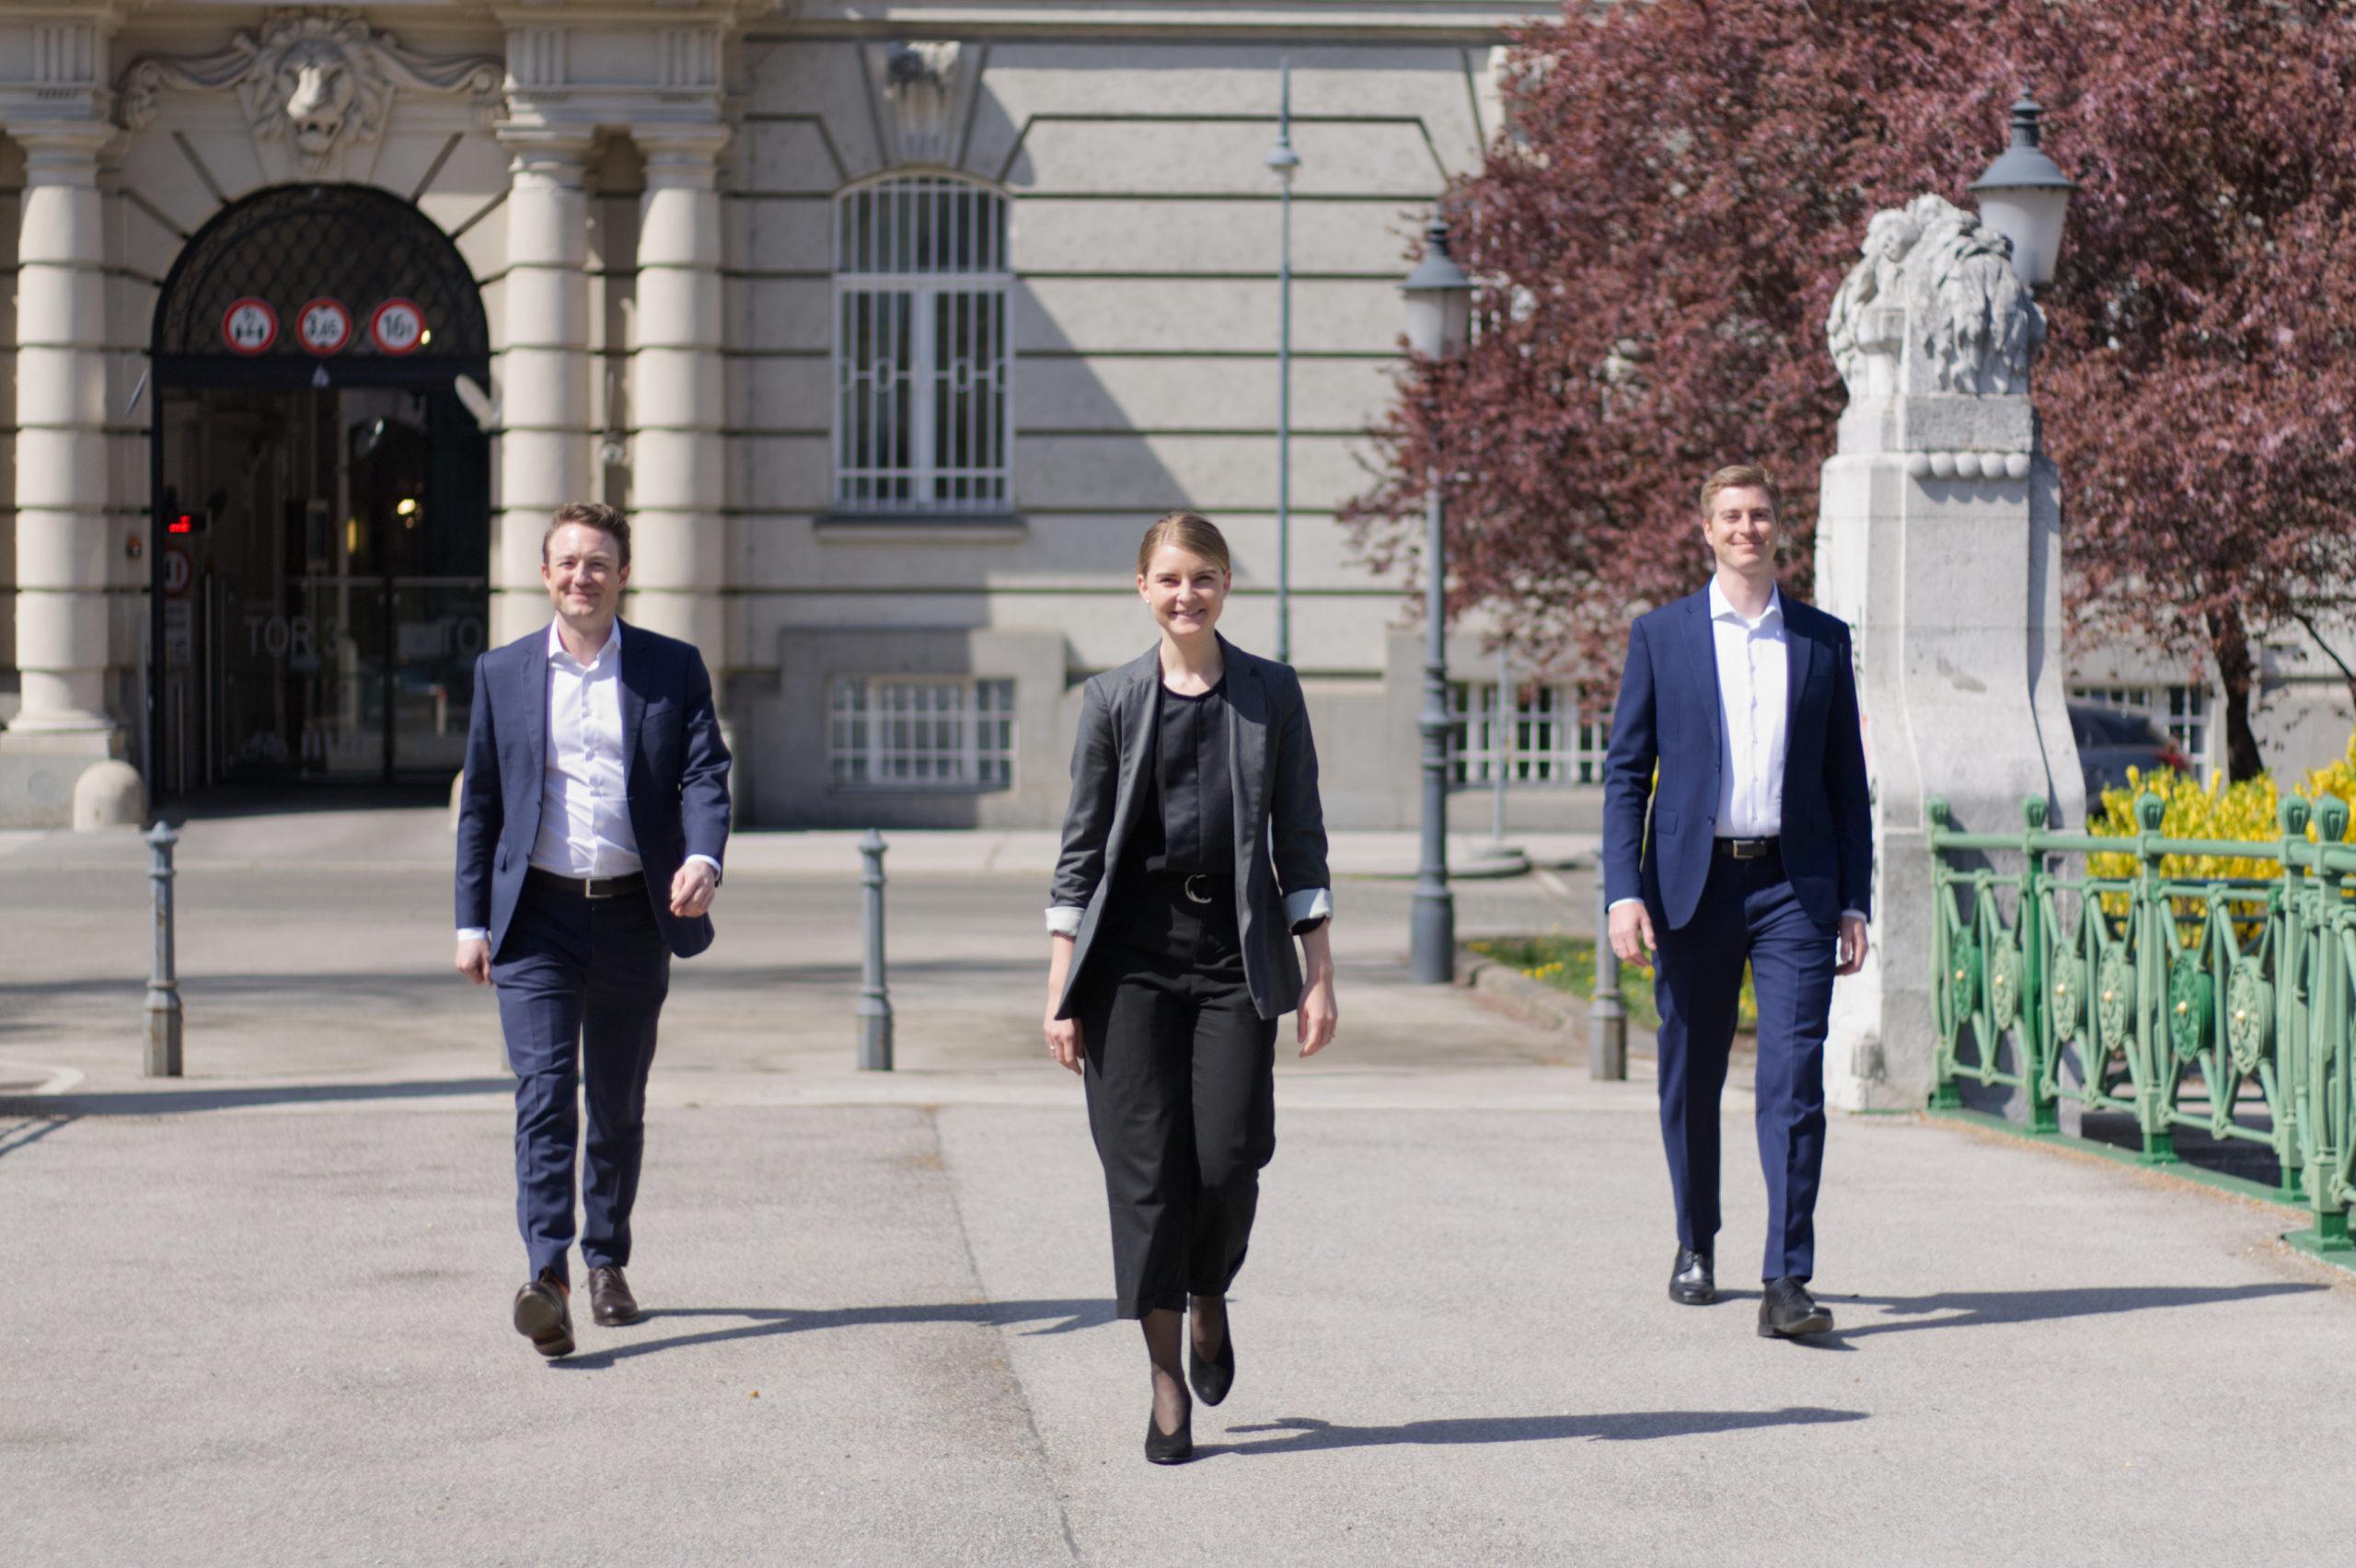 v.l.n.r. Sebastian Feuchtmüller, Sophie Reiter-Werzin, Karlheinz Moick